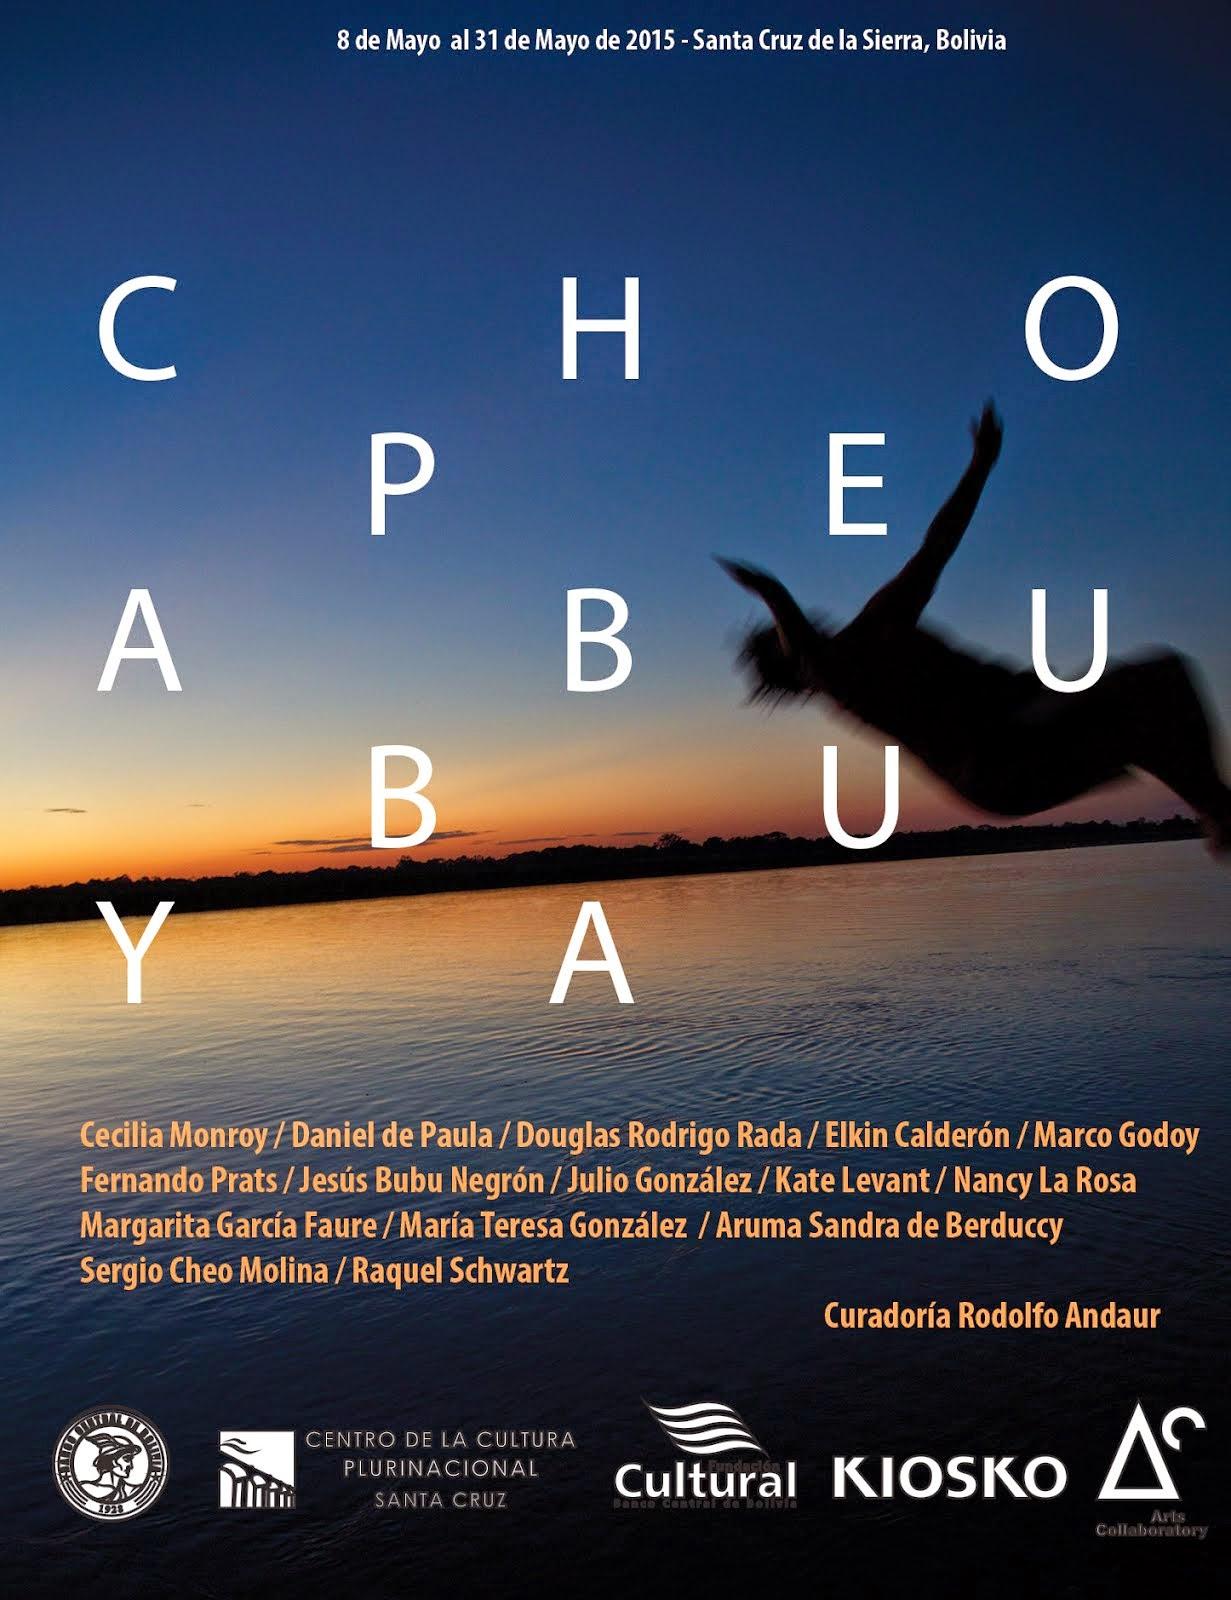 Chope Abubya